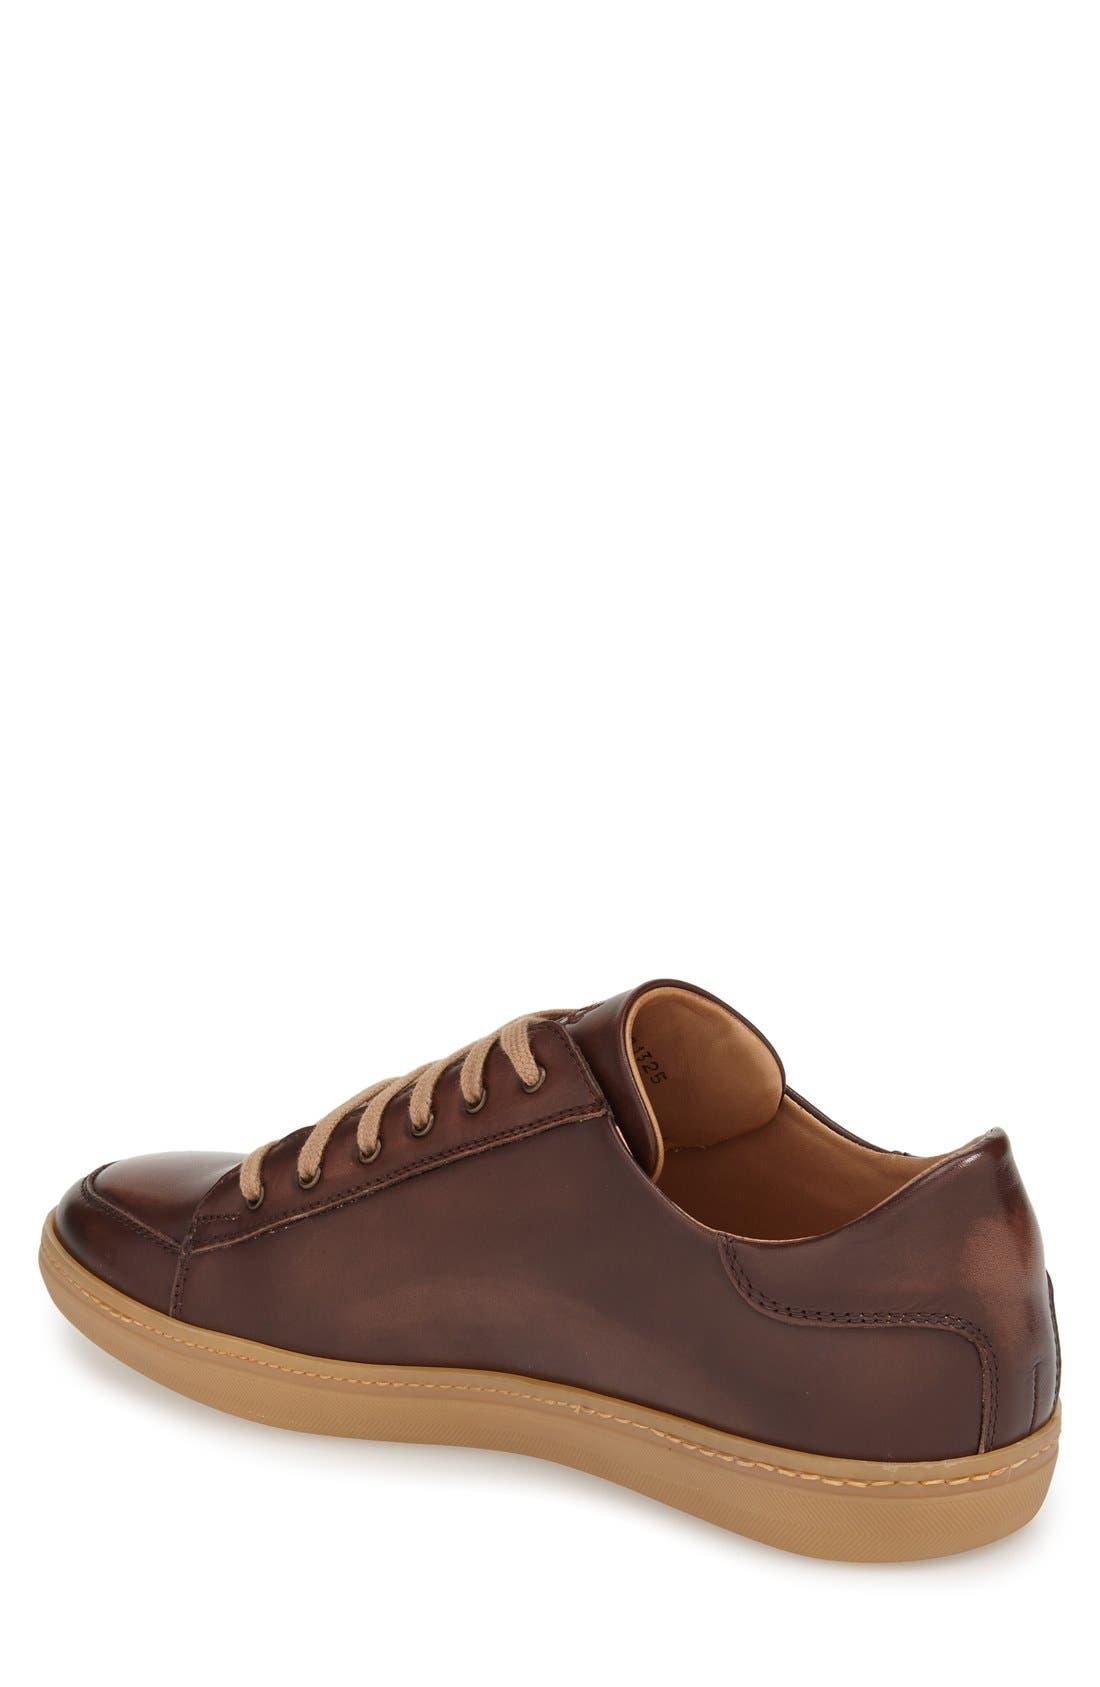 Alternate Image 2  - Mezlan 'Masi' Lace-Up Sneaker (Men)